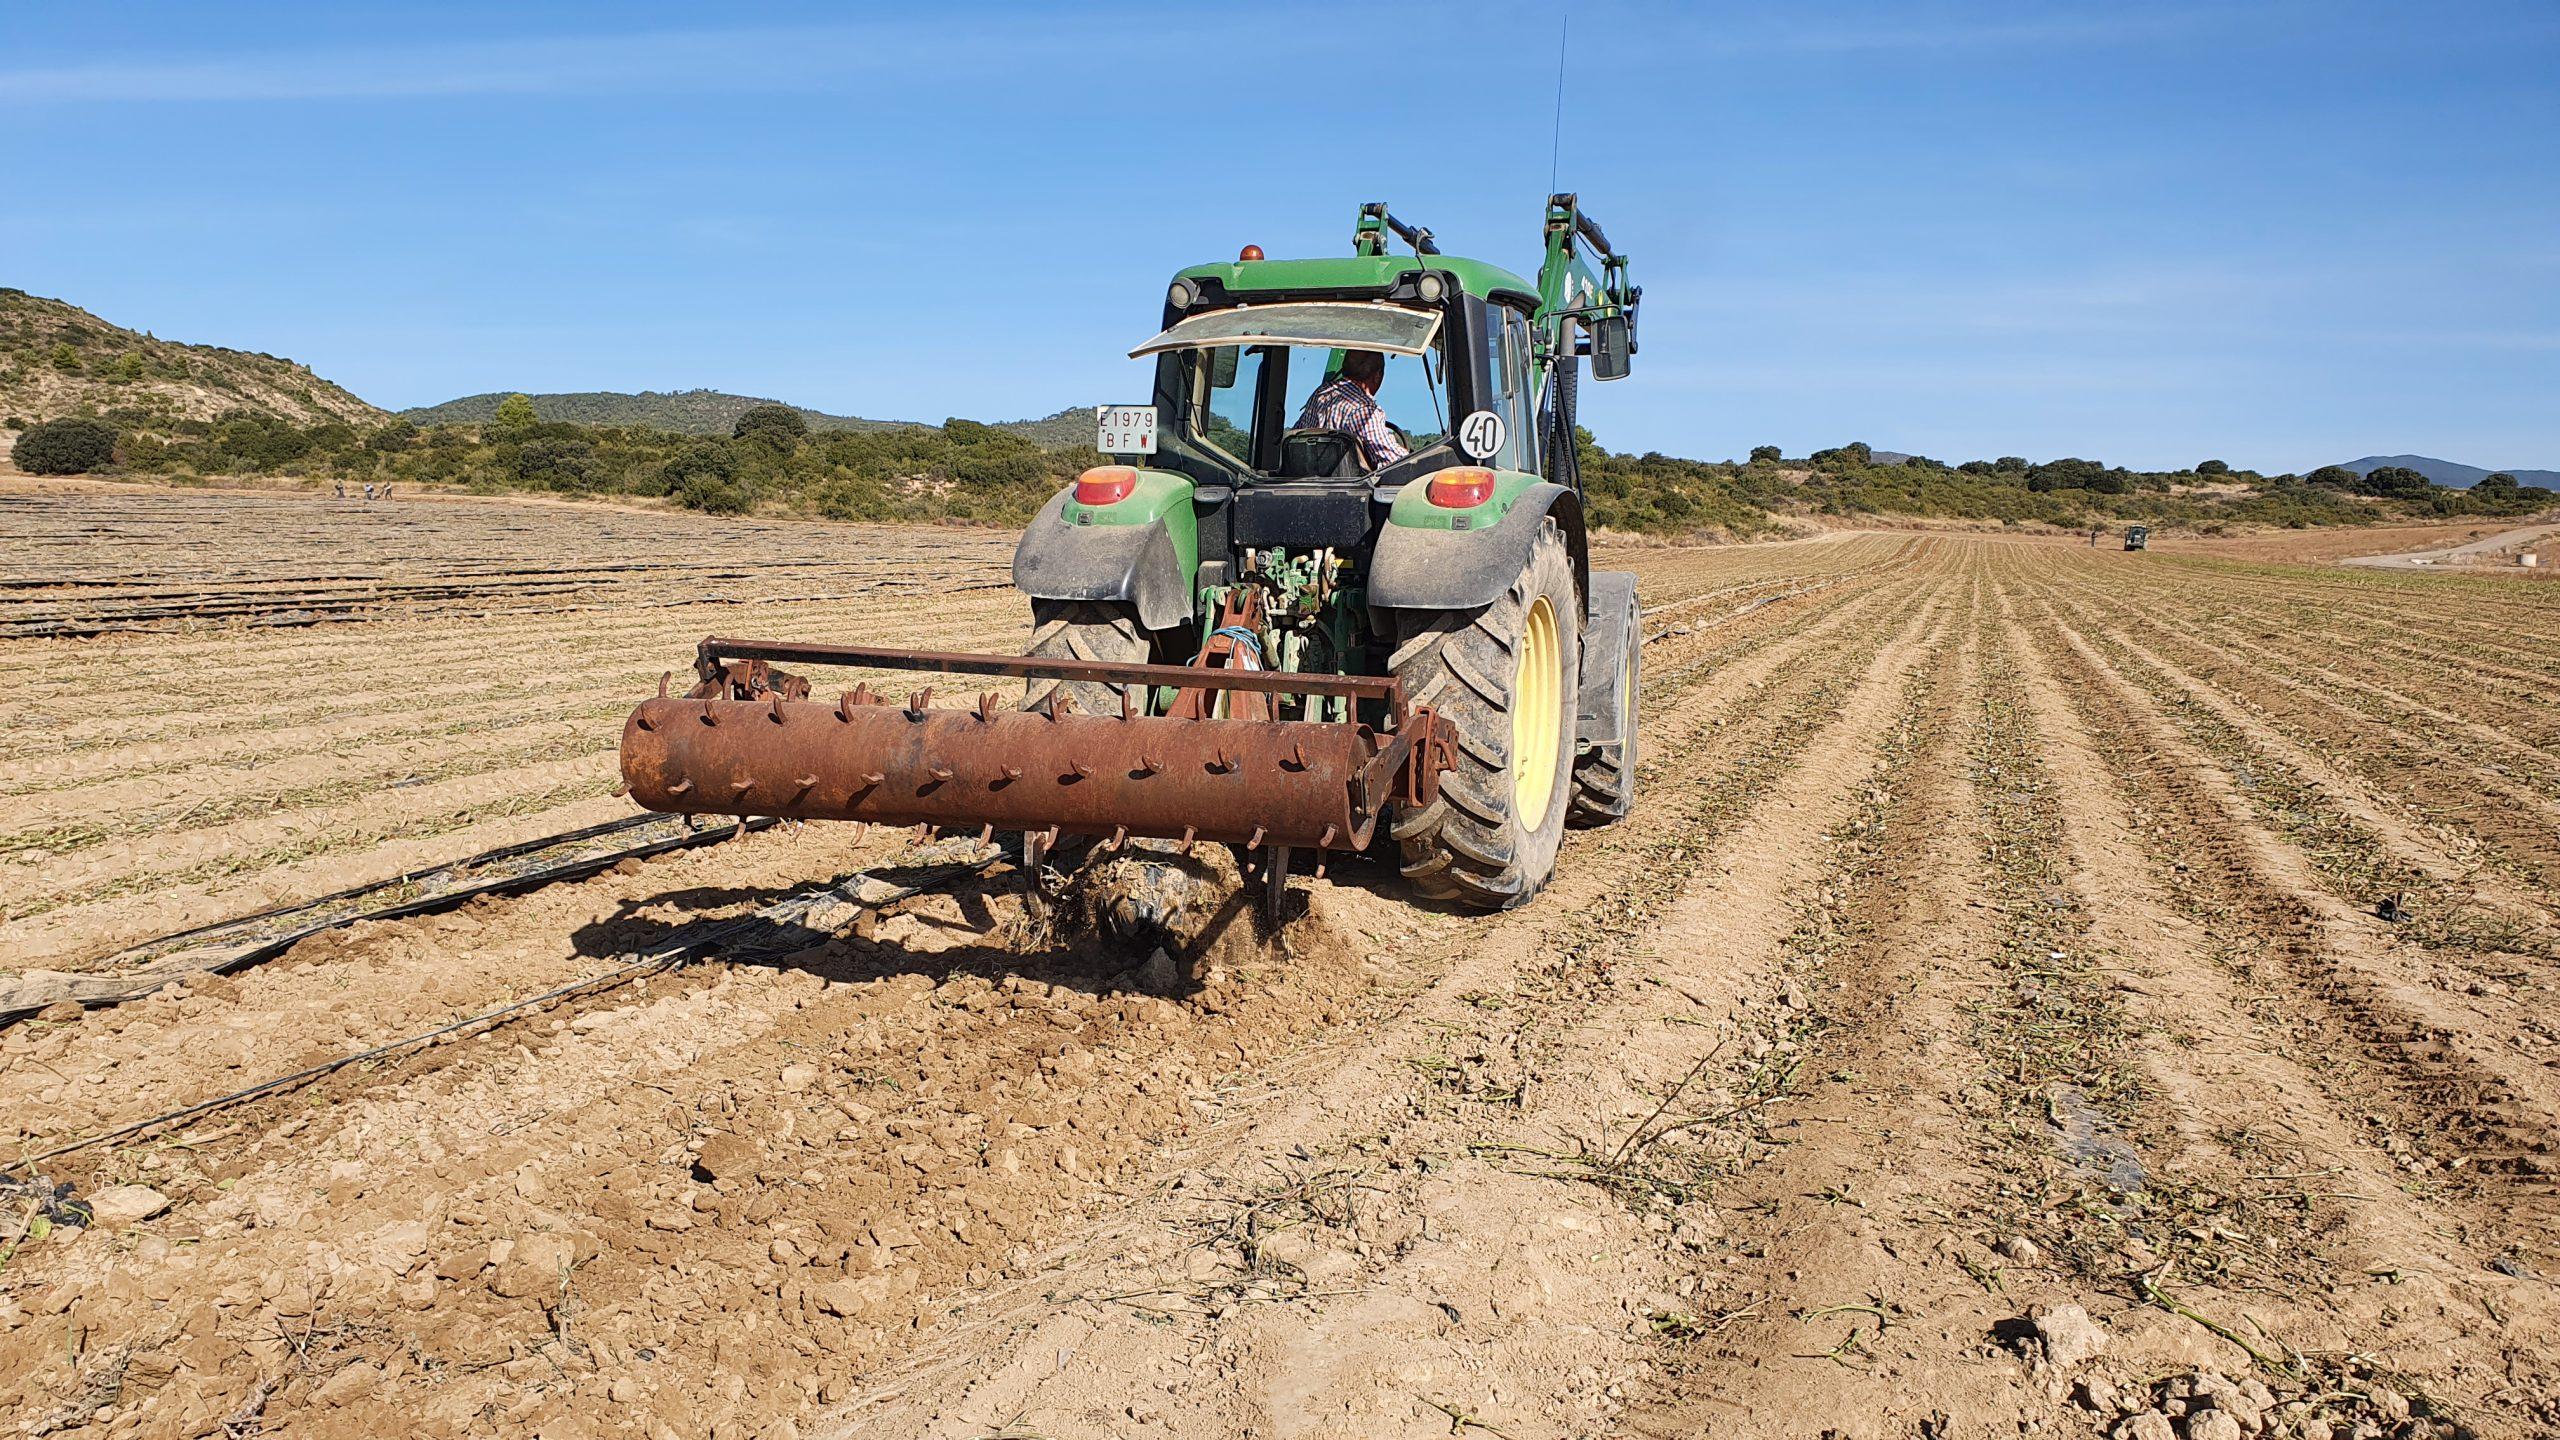 Una vez cosechado el cultivo y realizado el tratamiento inicial de los restos  vegetales, se lleva a cabo el desbroce de los restos vegetales y pasada de apero para levantar el plástico íntegramente